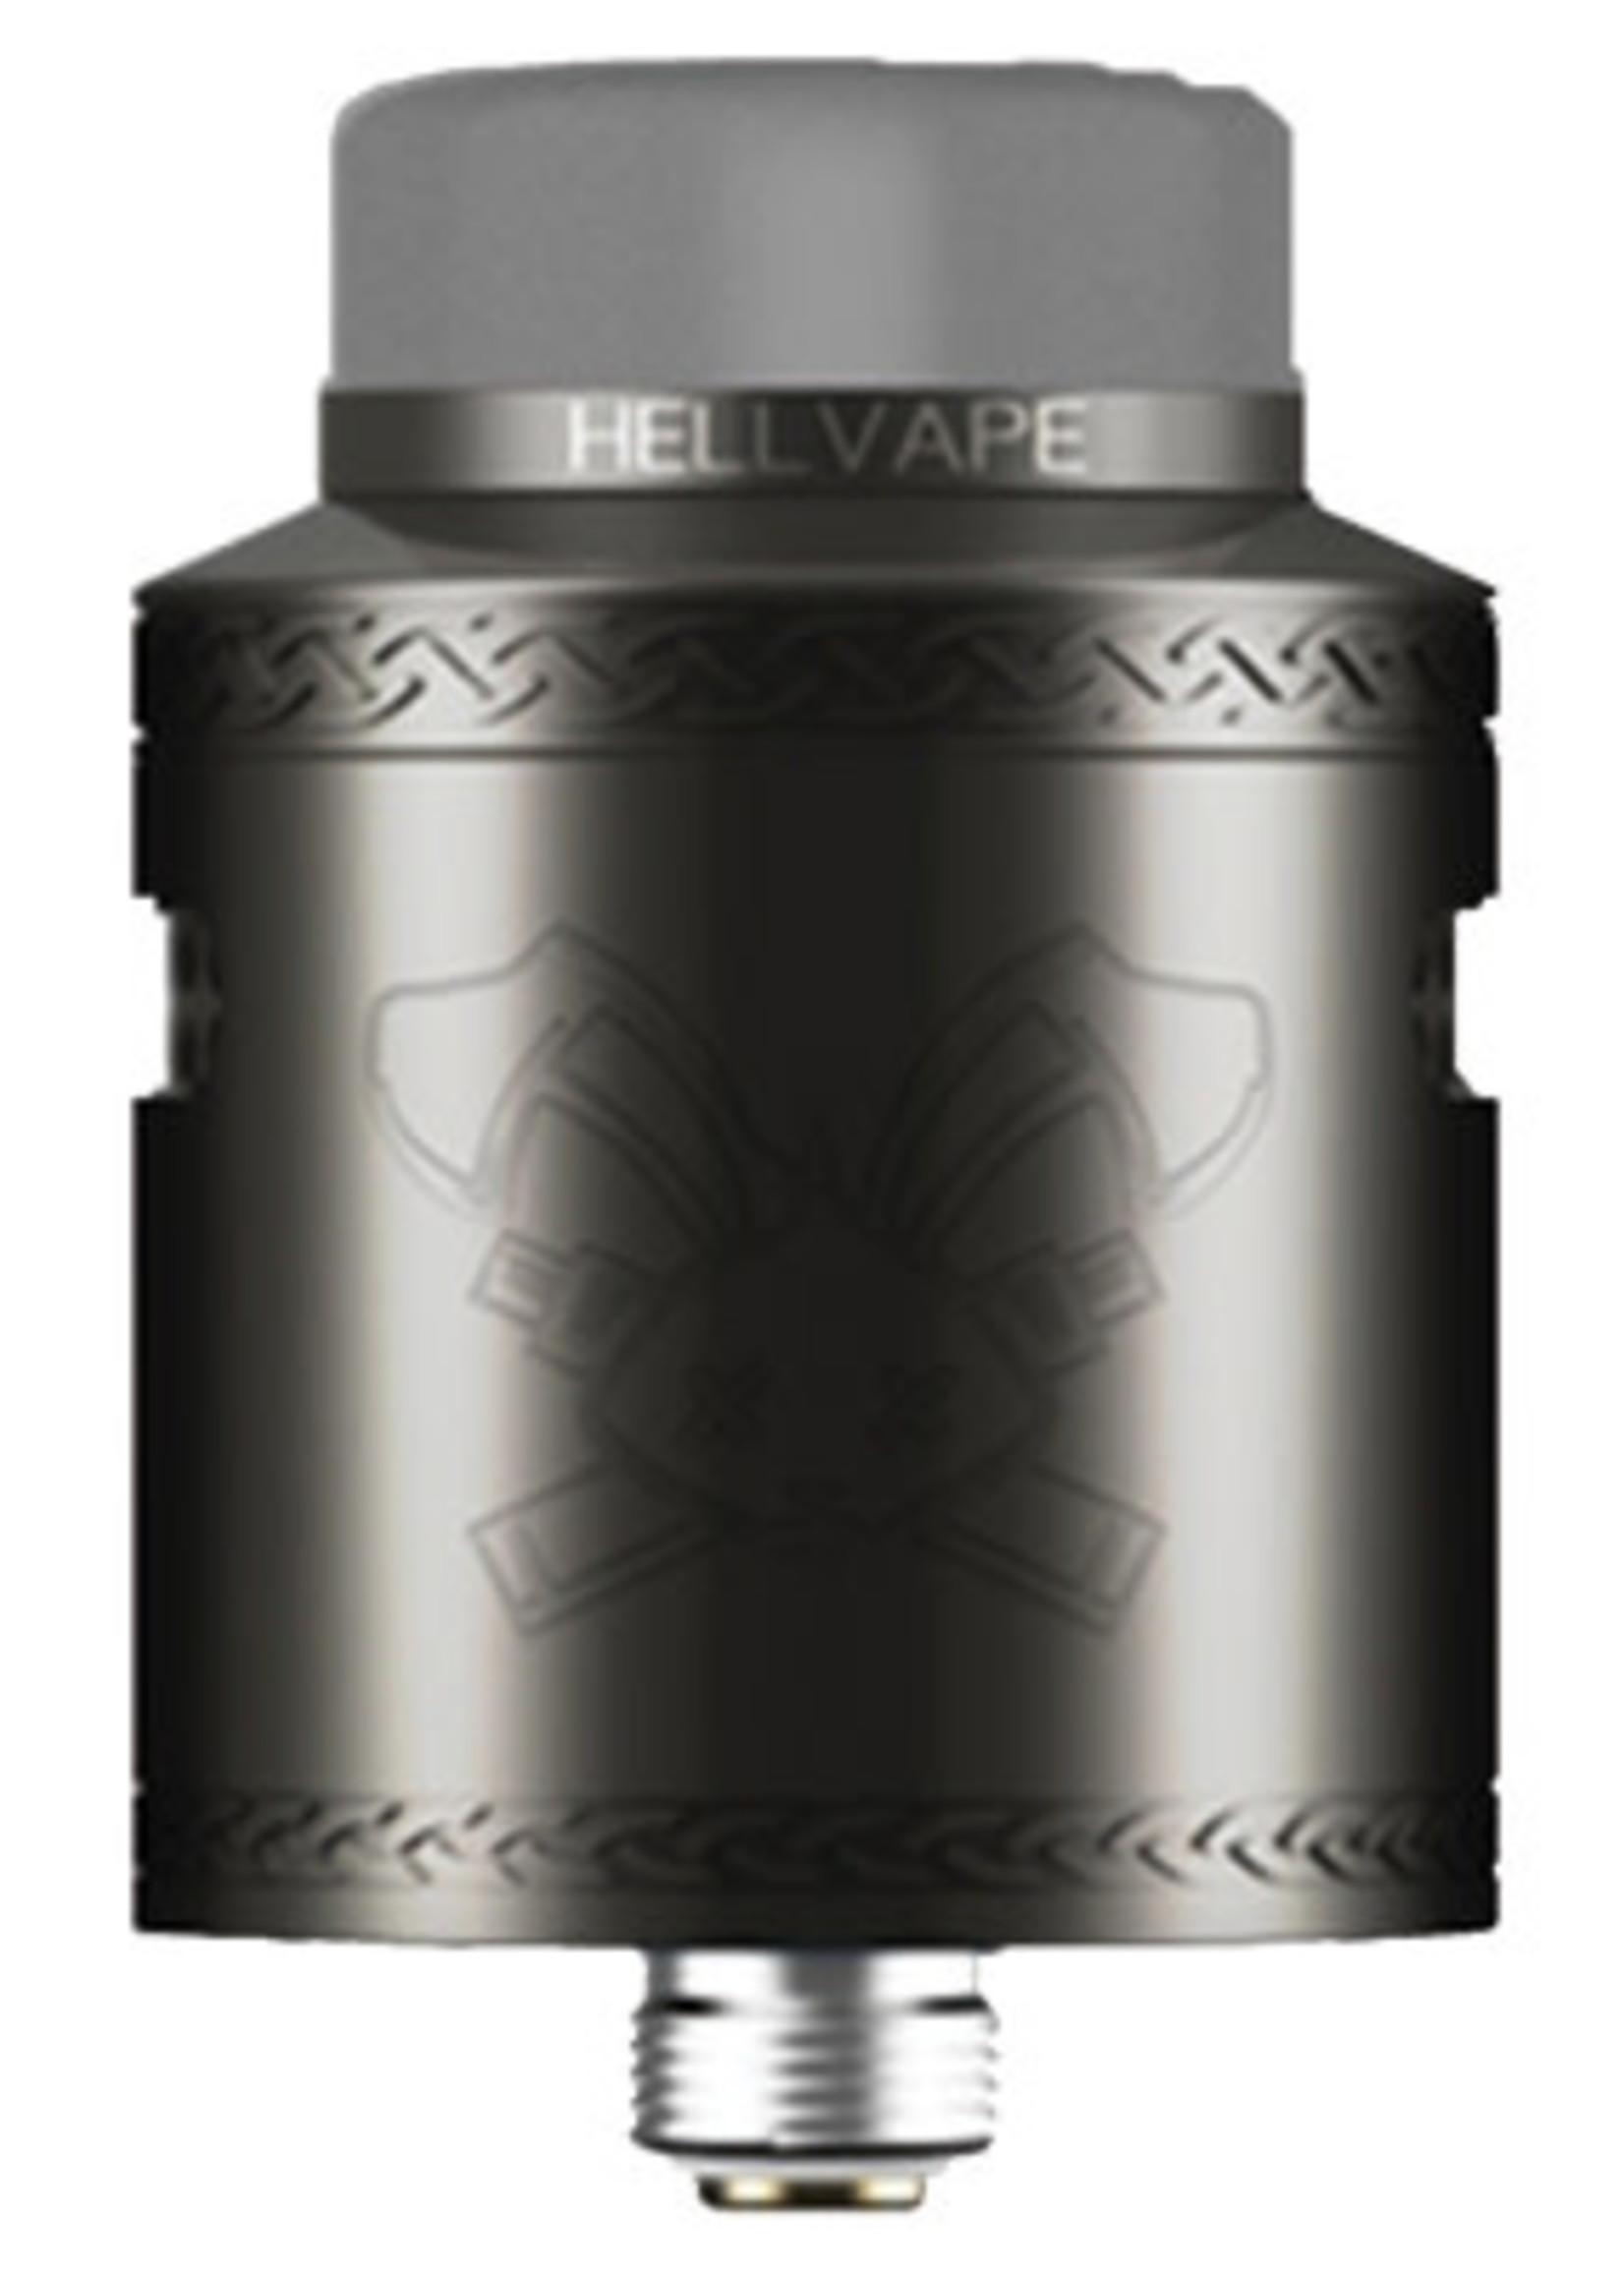 Hellvape Dead rabbit V2 RDA - black